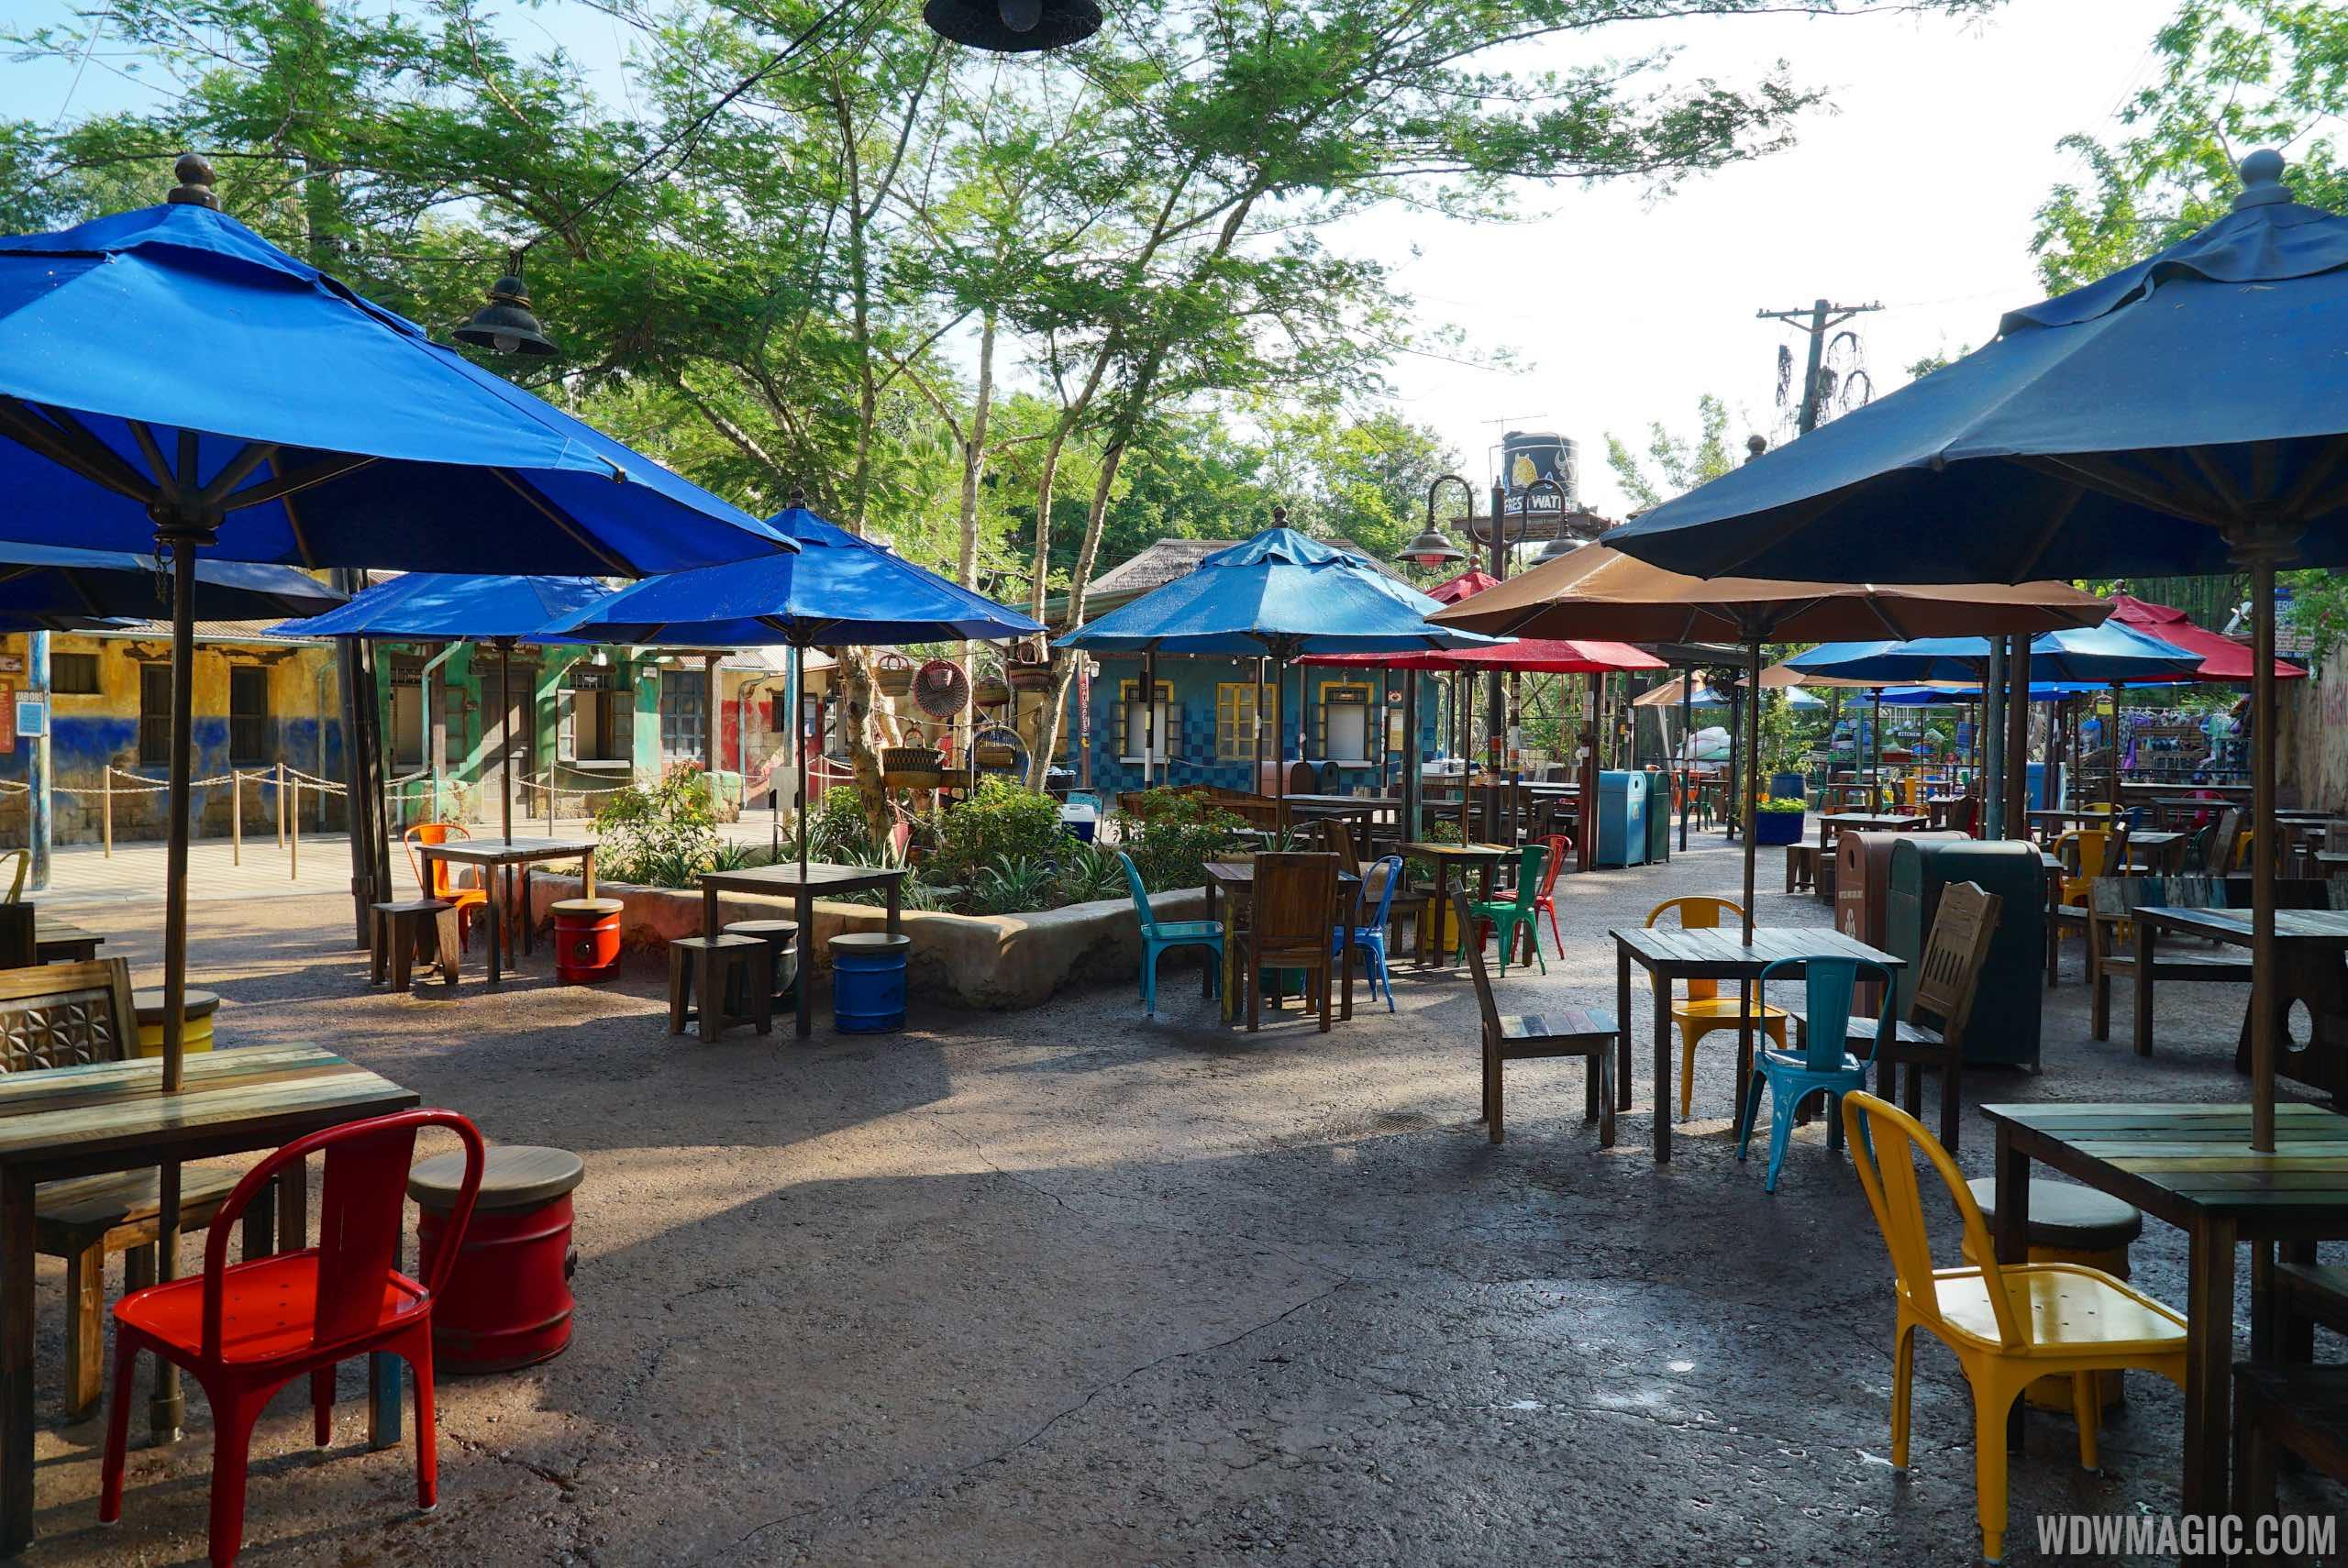 Harambe Market - Dining area